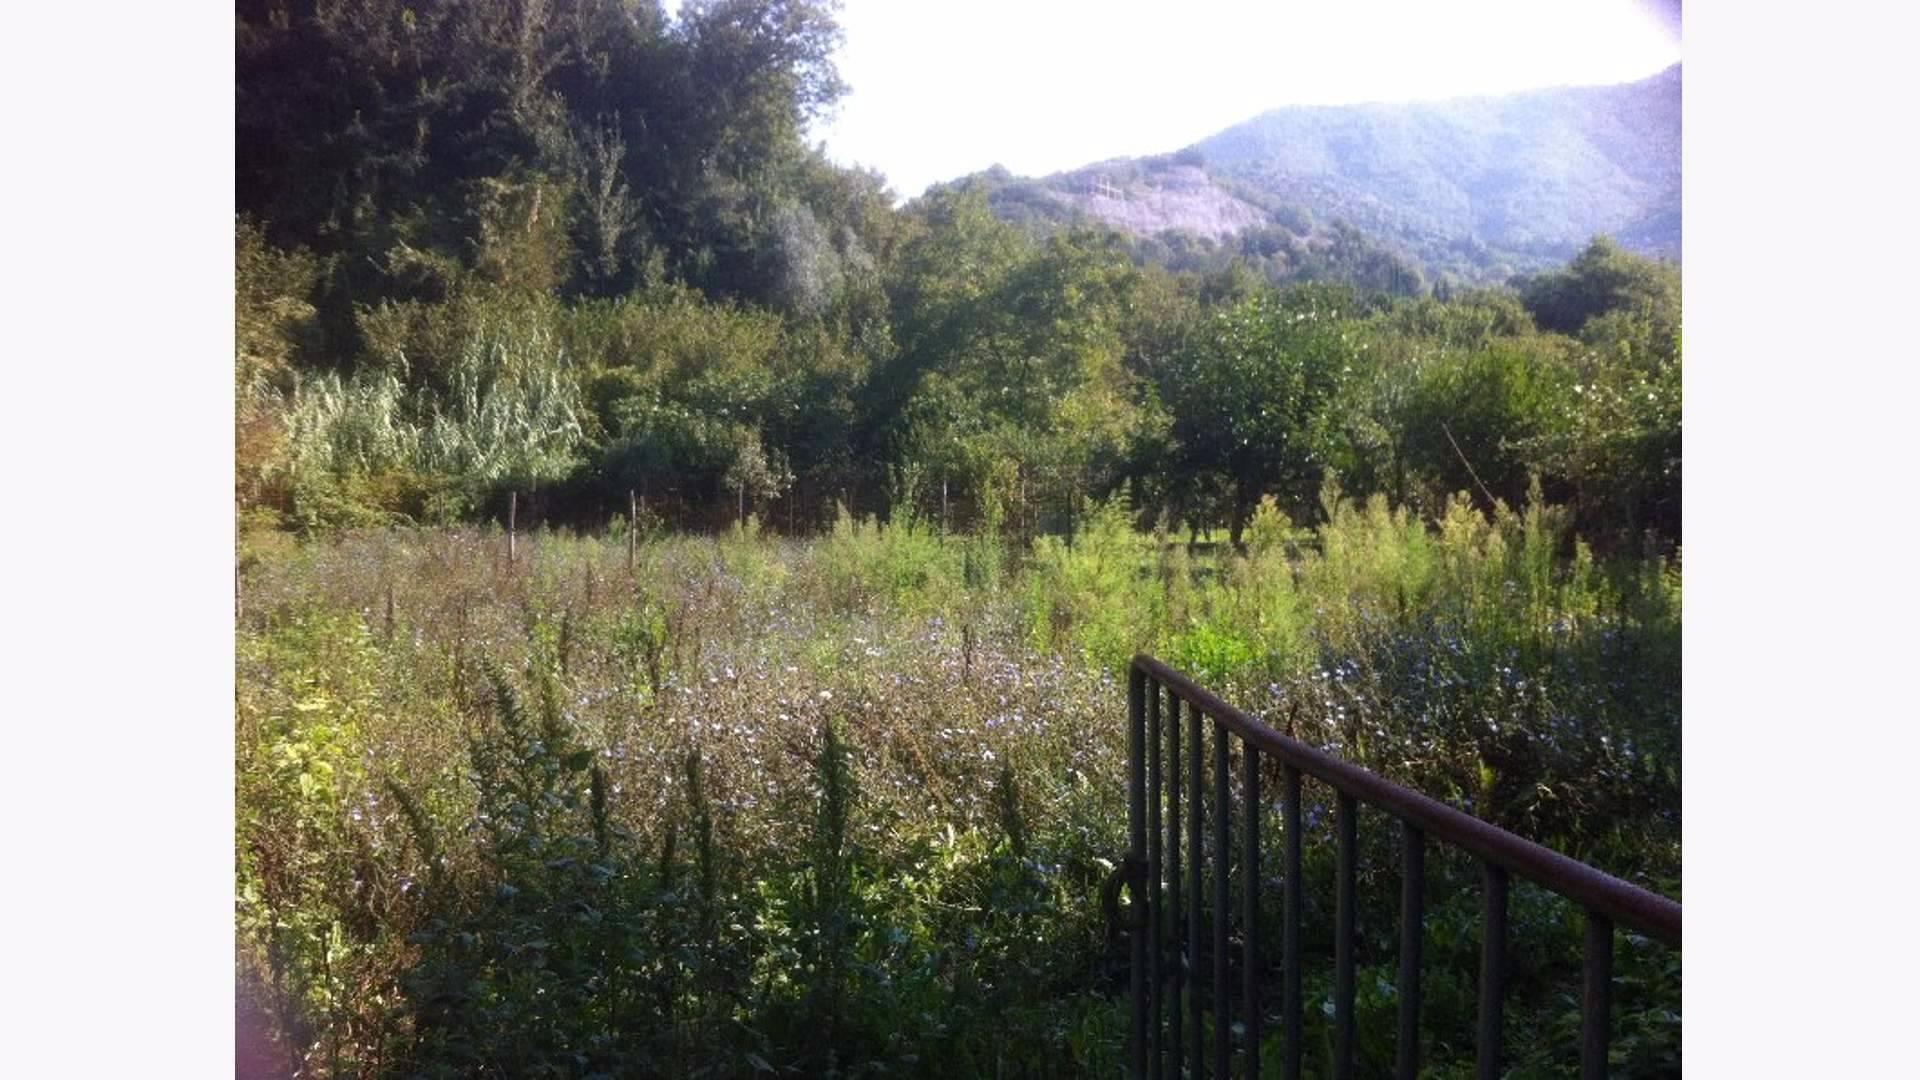 Terreno Agricolo in affitto a Pellezzano, 9999 locali, zona Zona: Coperchia, prezzo € 200 | Cambio Casa.it